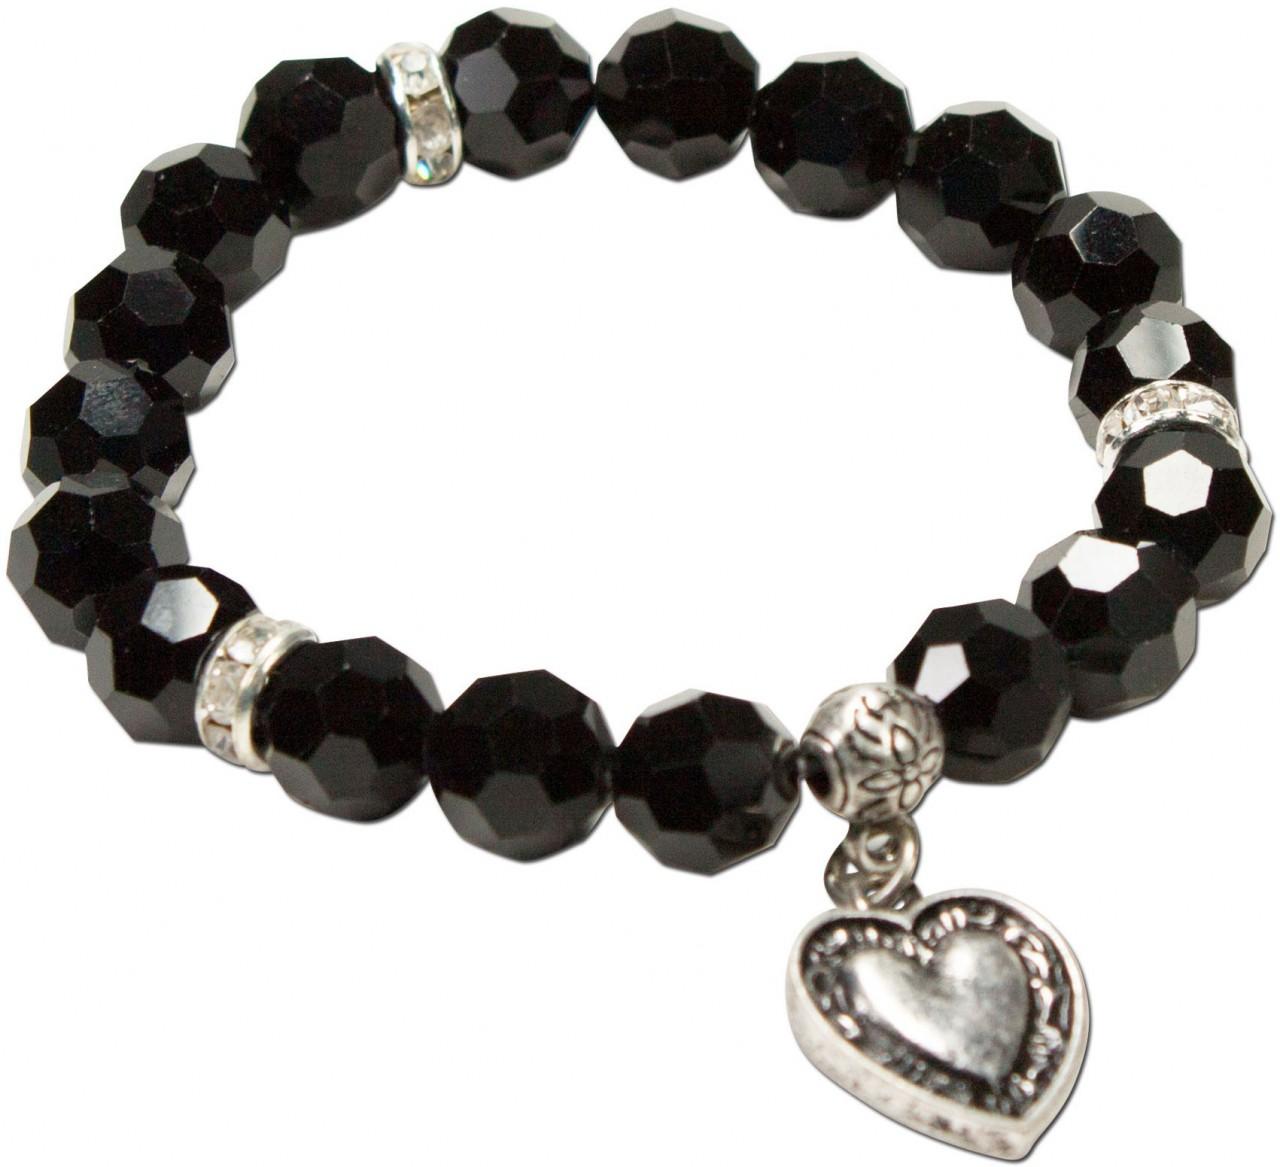 Bracelet de Trachten en perles Tina noir